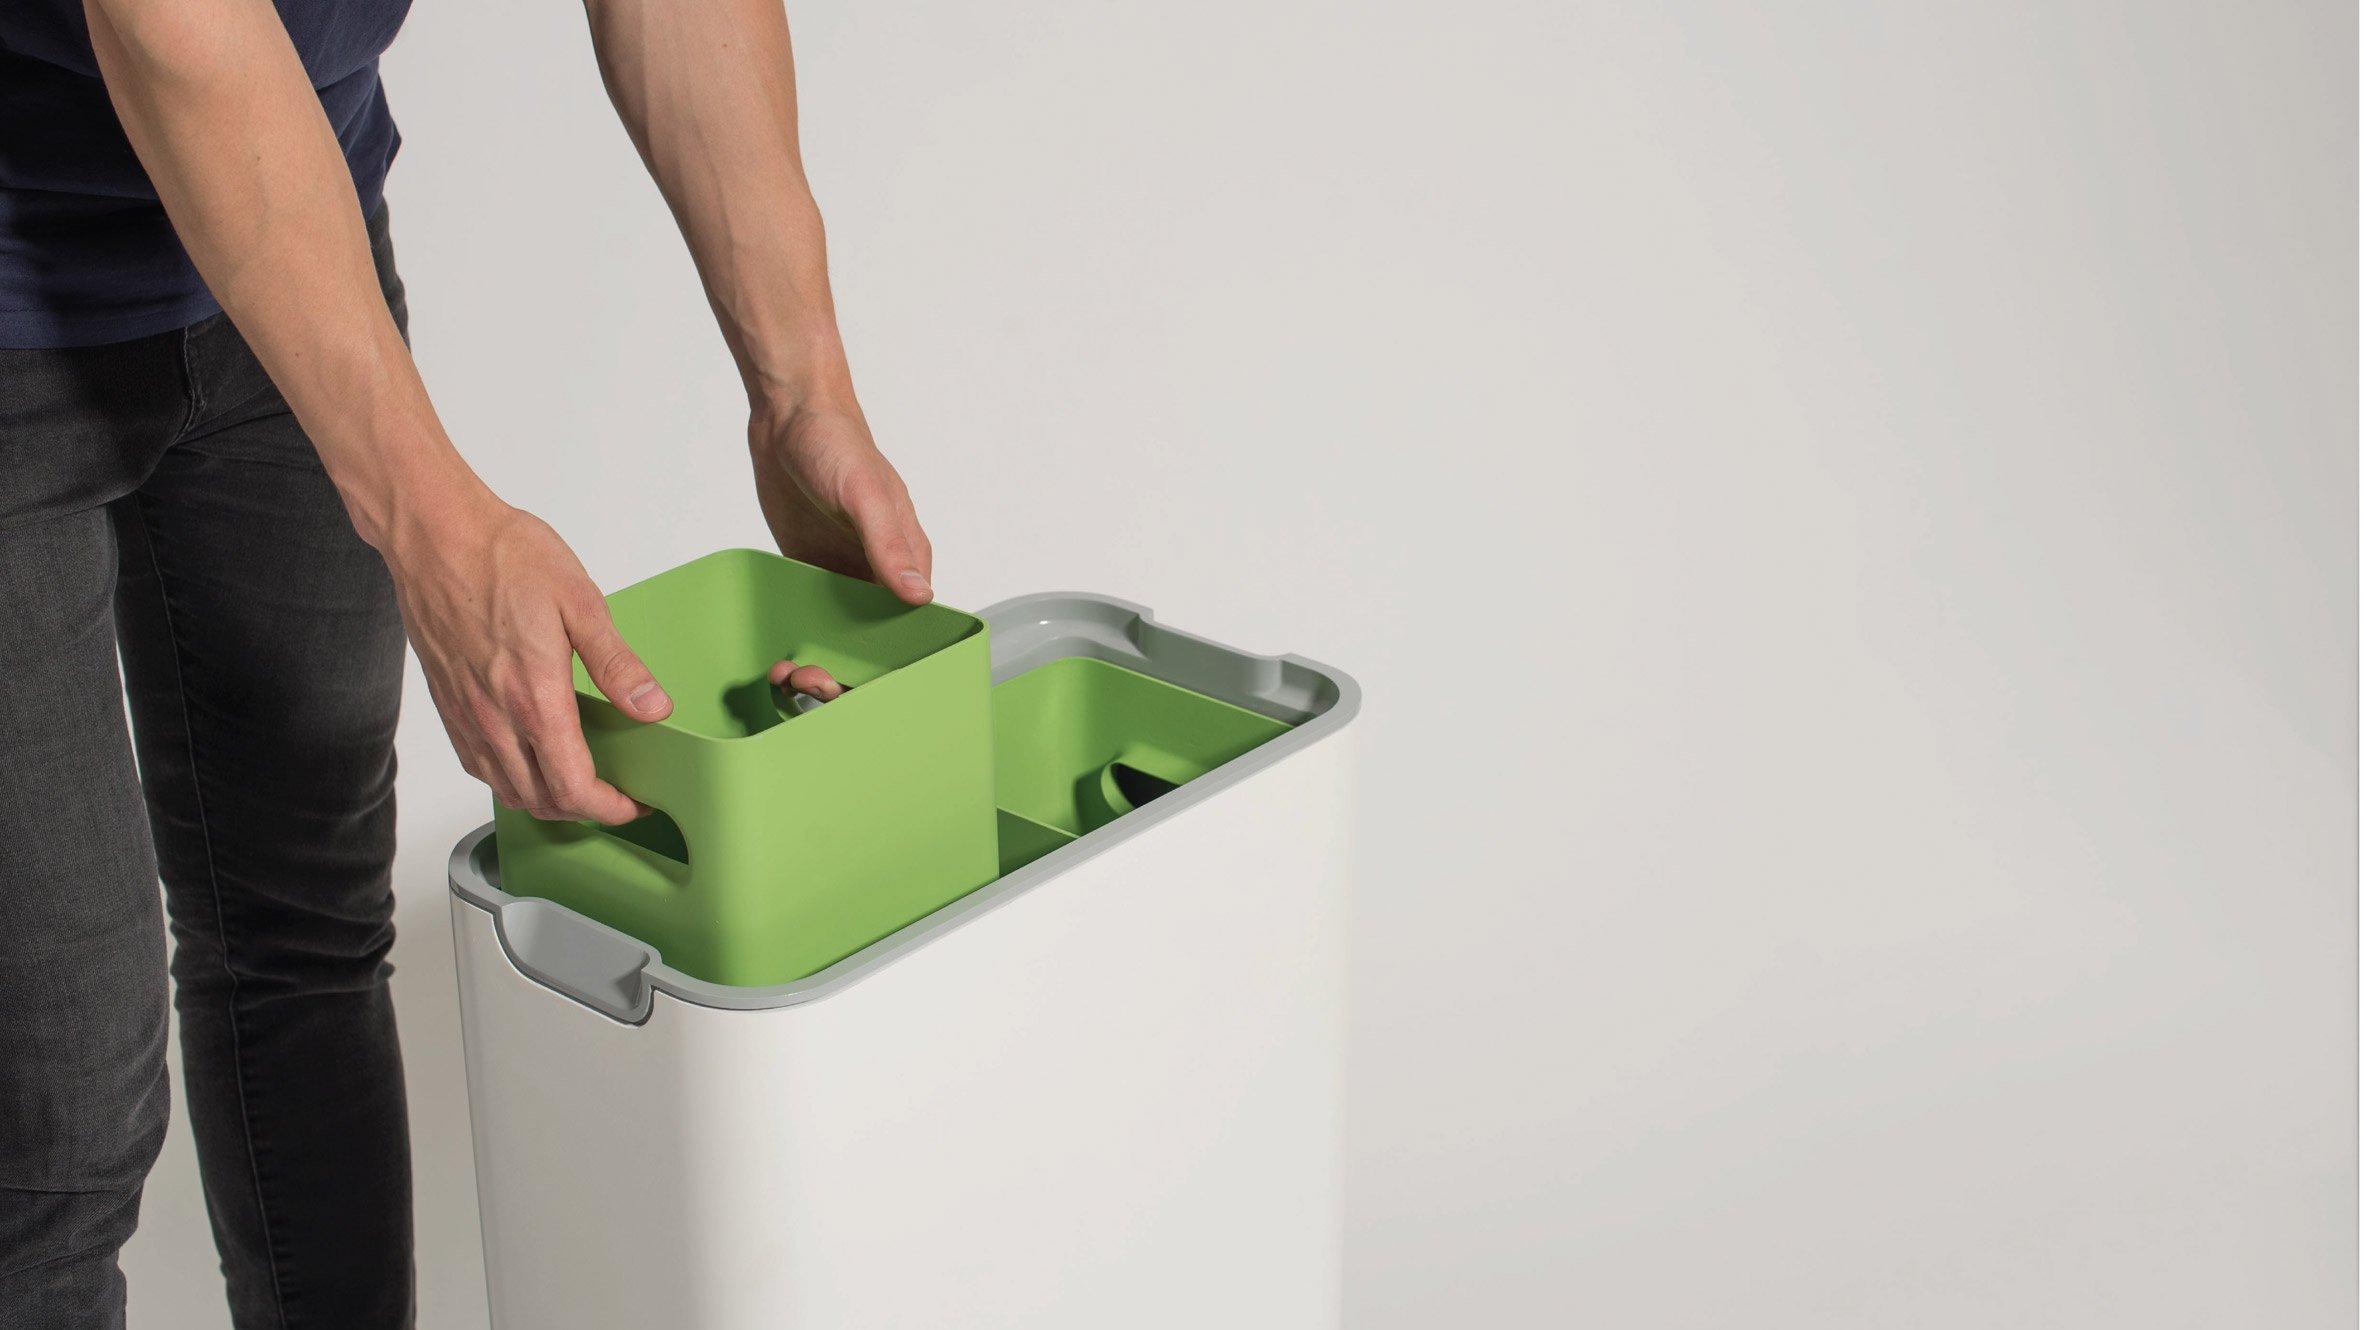 Compartimento separados e vedados garantem que os alimentos em decomposição não exalem cheiro.